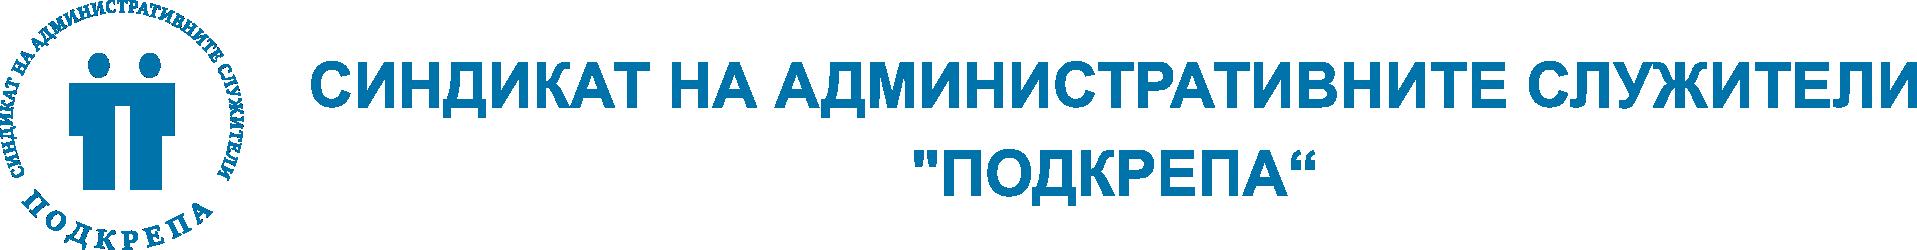 """Синдикат на административните служители """"Подкрепа"""""""